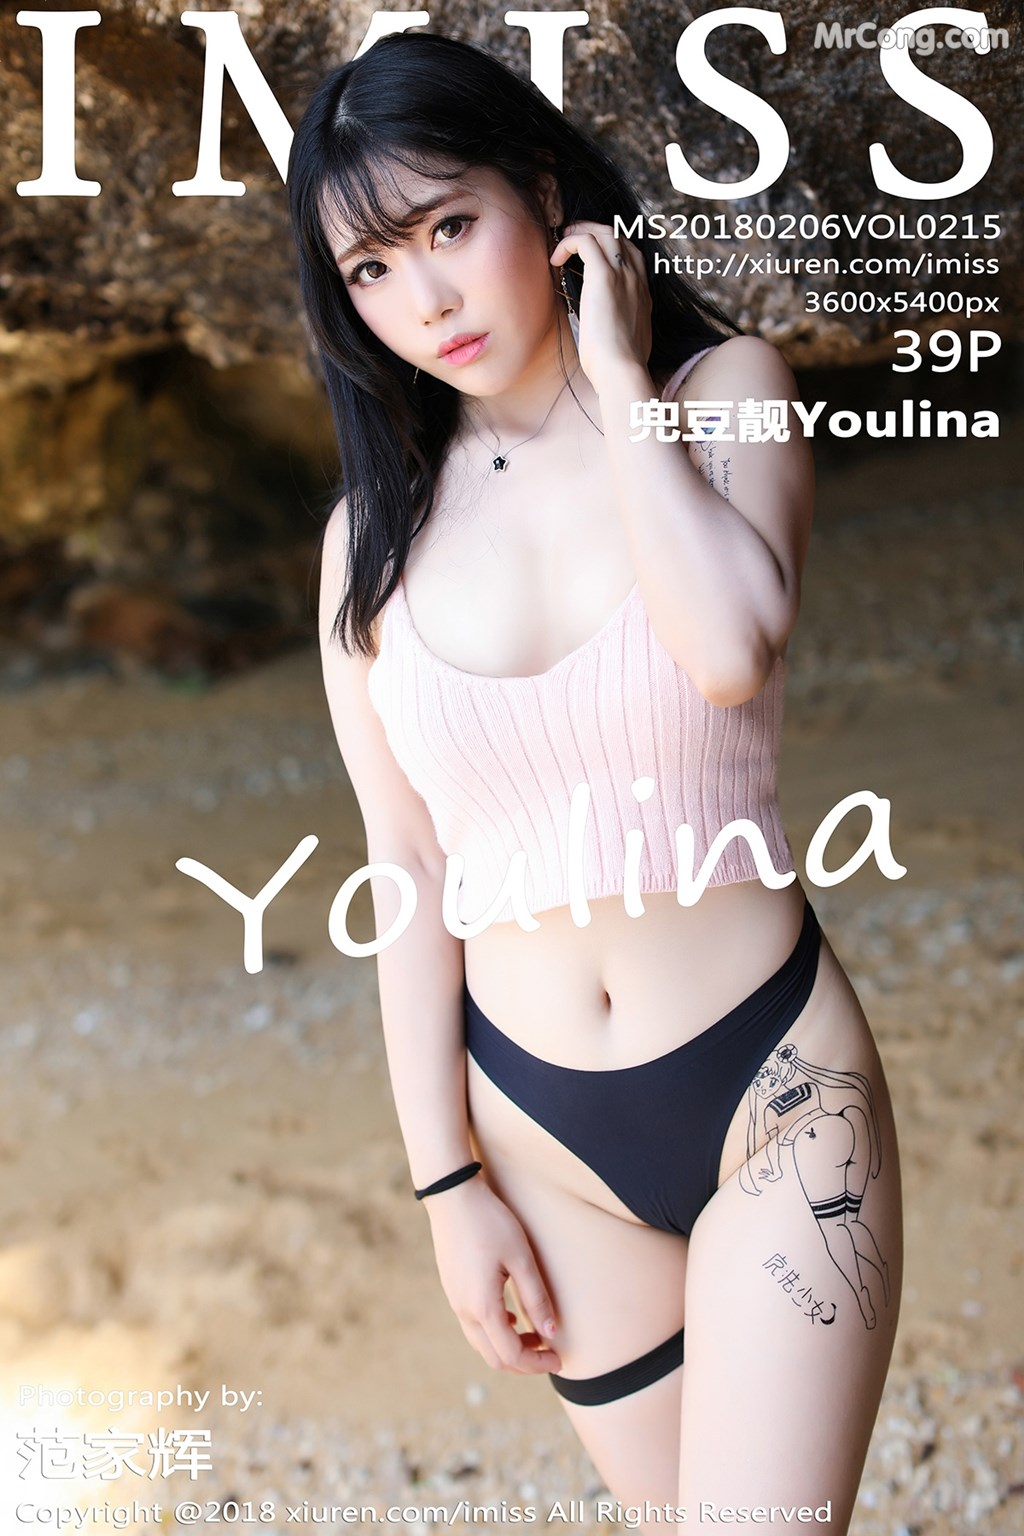 IMISS Vol.215: Người mẫu Youlina (兜豆靓) (40 ảnh)